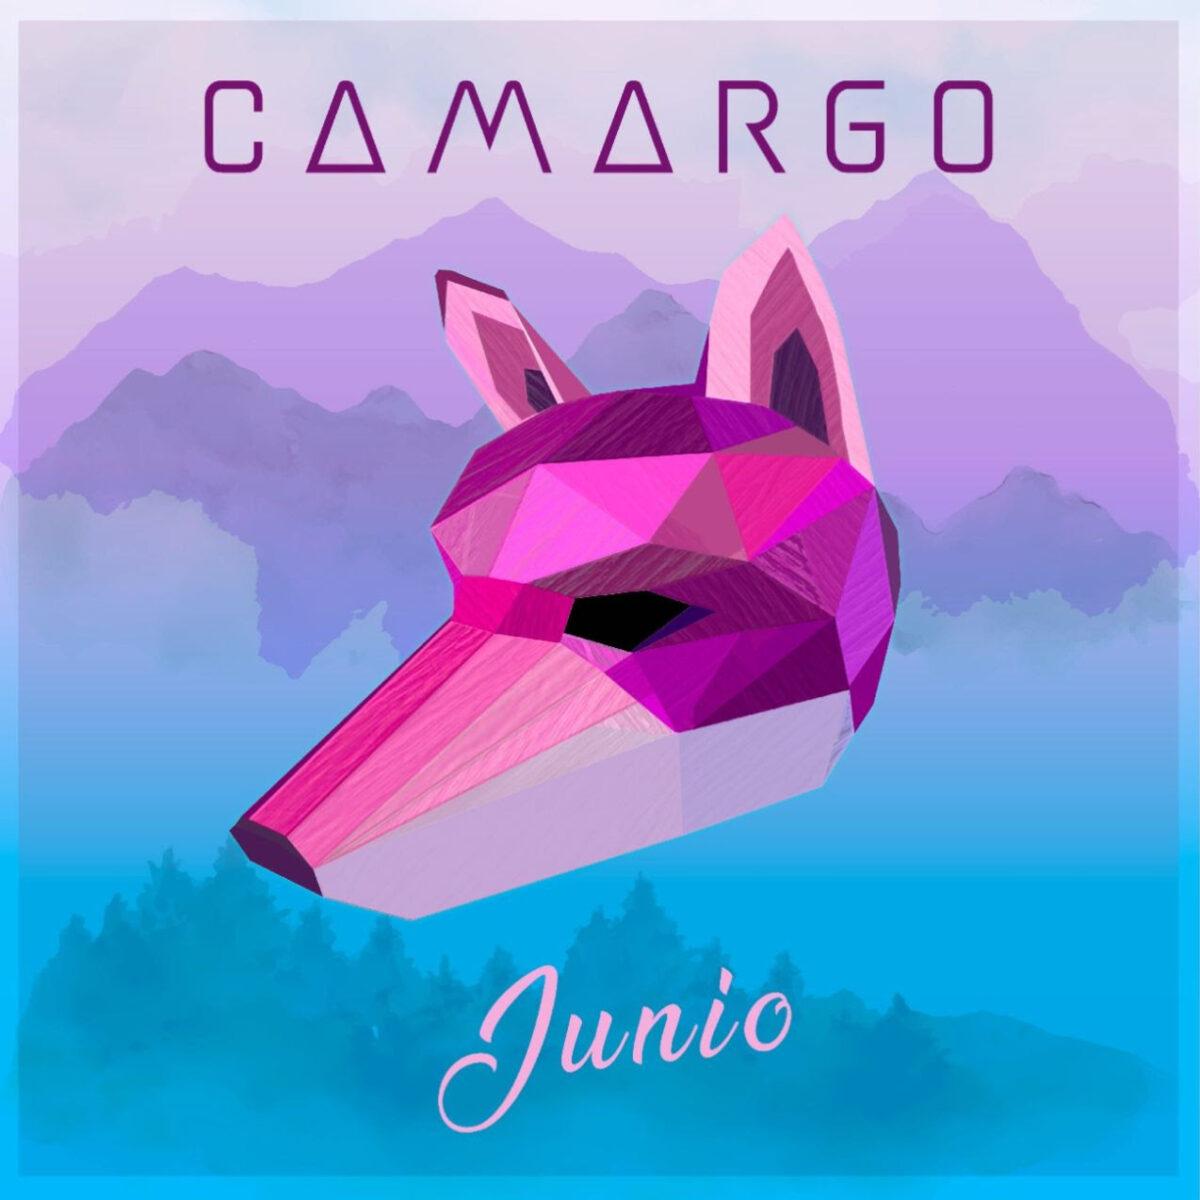 la banda latinoamericana de indie rock camargo estrena su sencillo junio unnamed 1